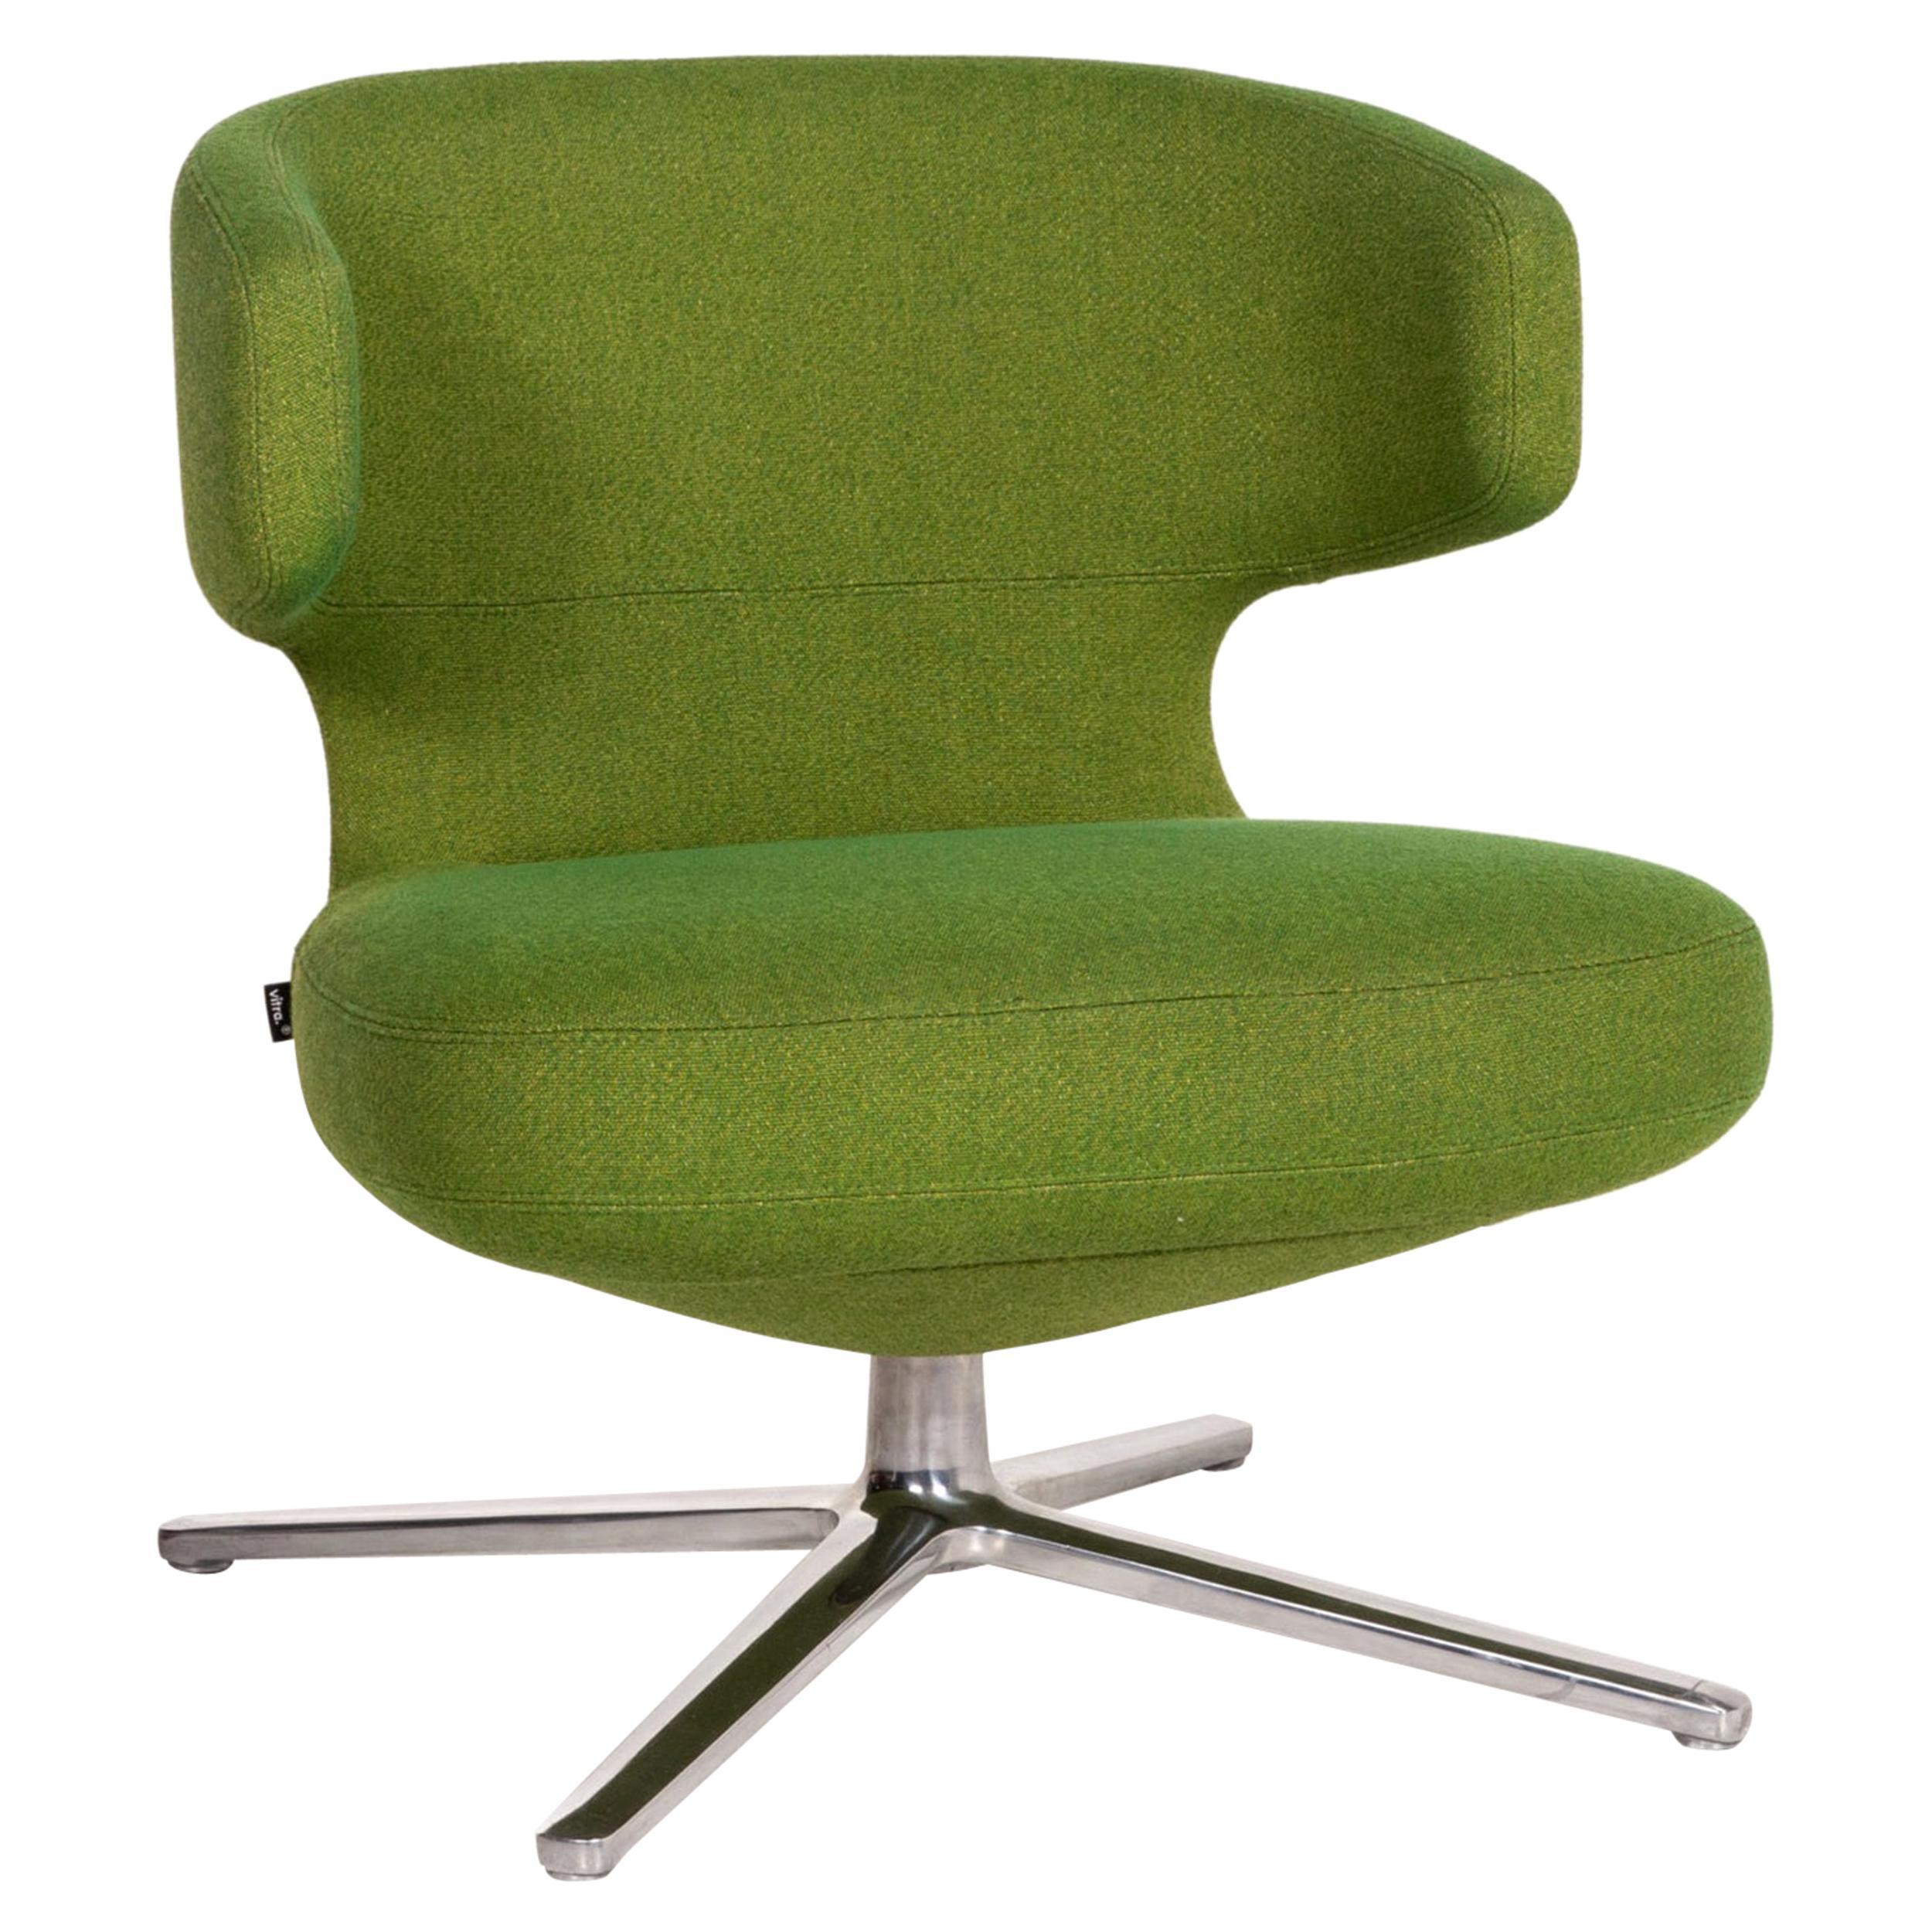 Vitra Petit Repos Green Armchair Fabric